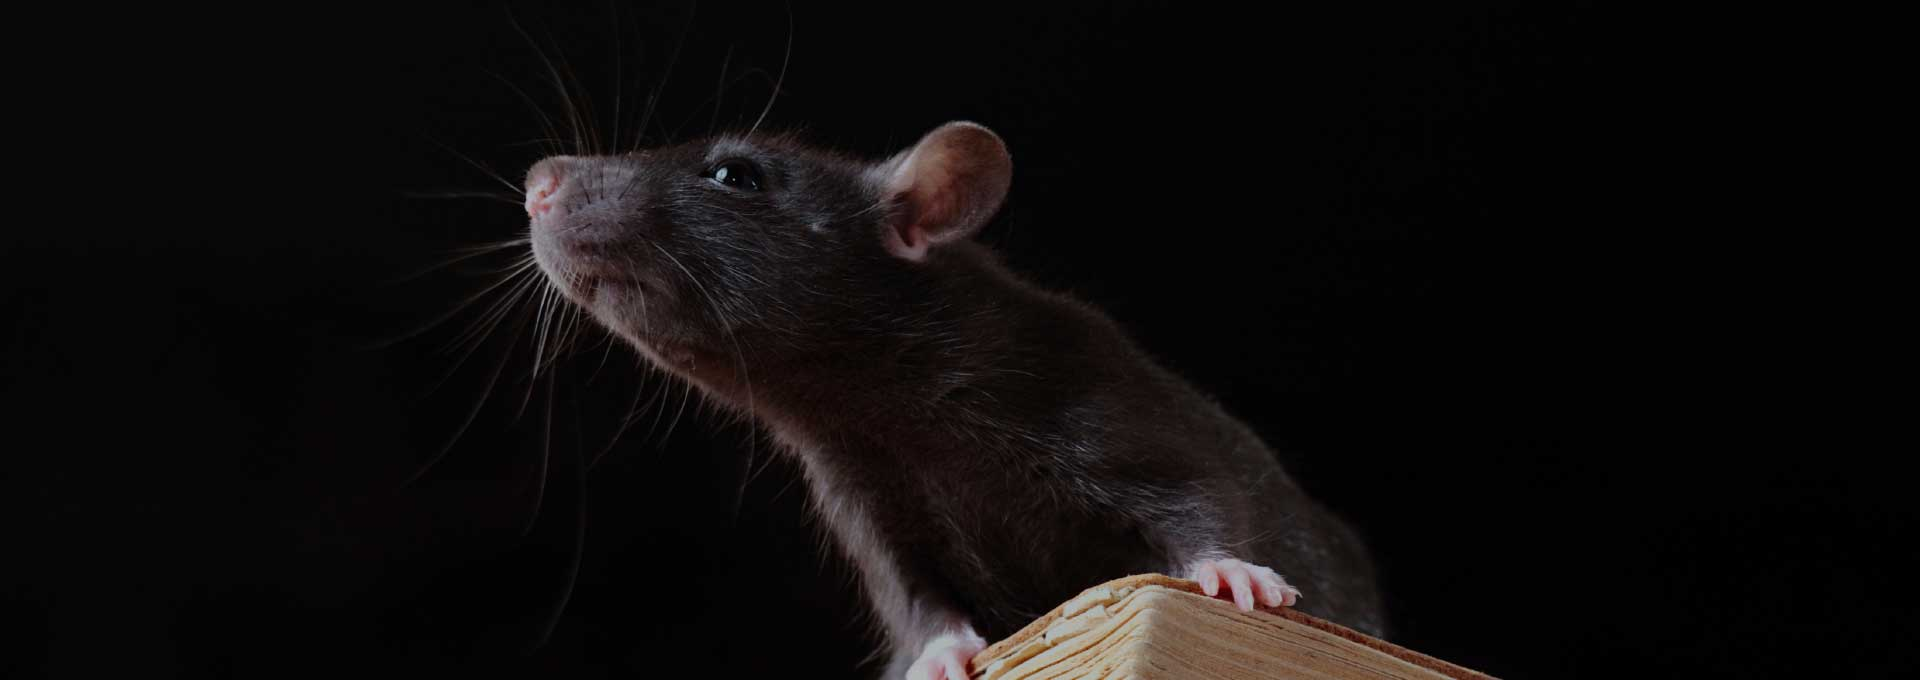 Rat Control Phoenix AZ